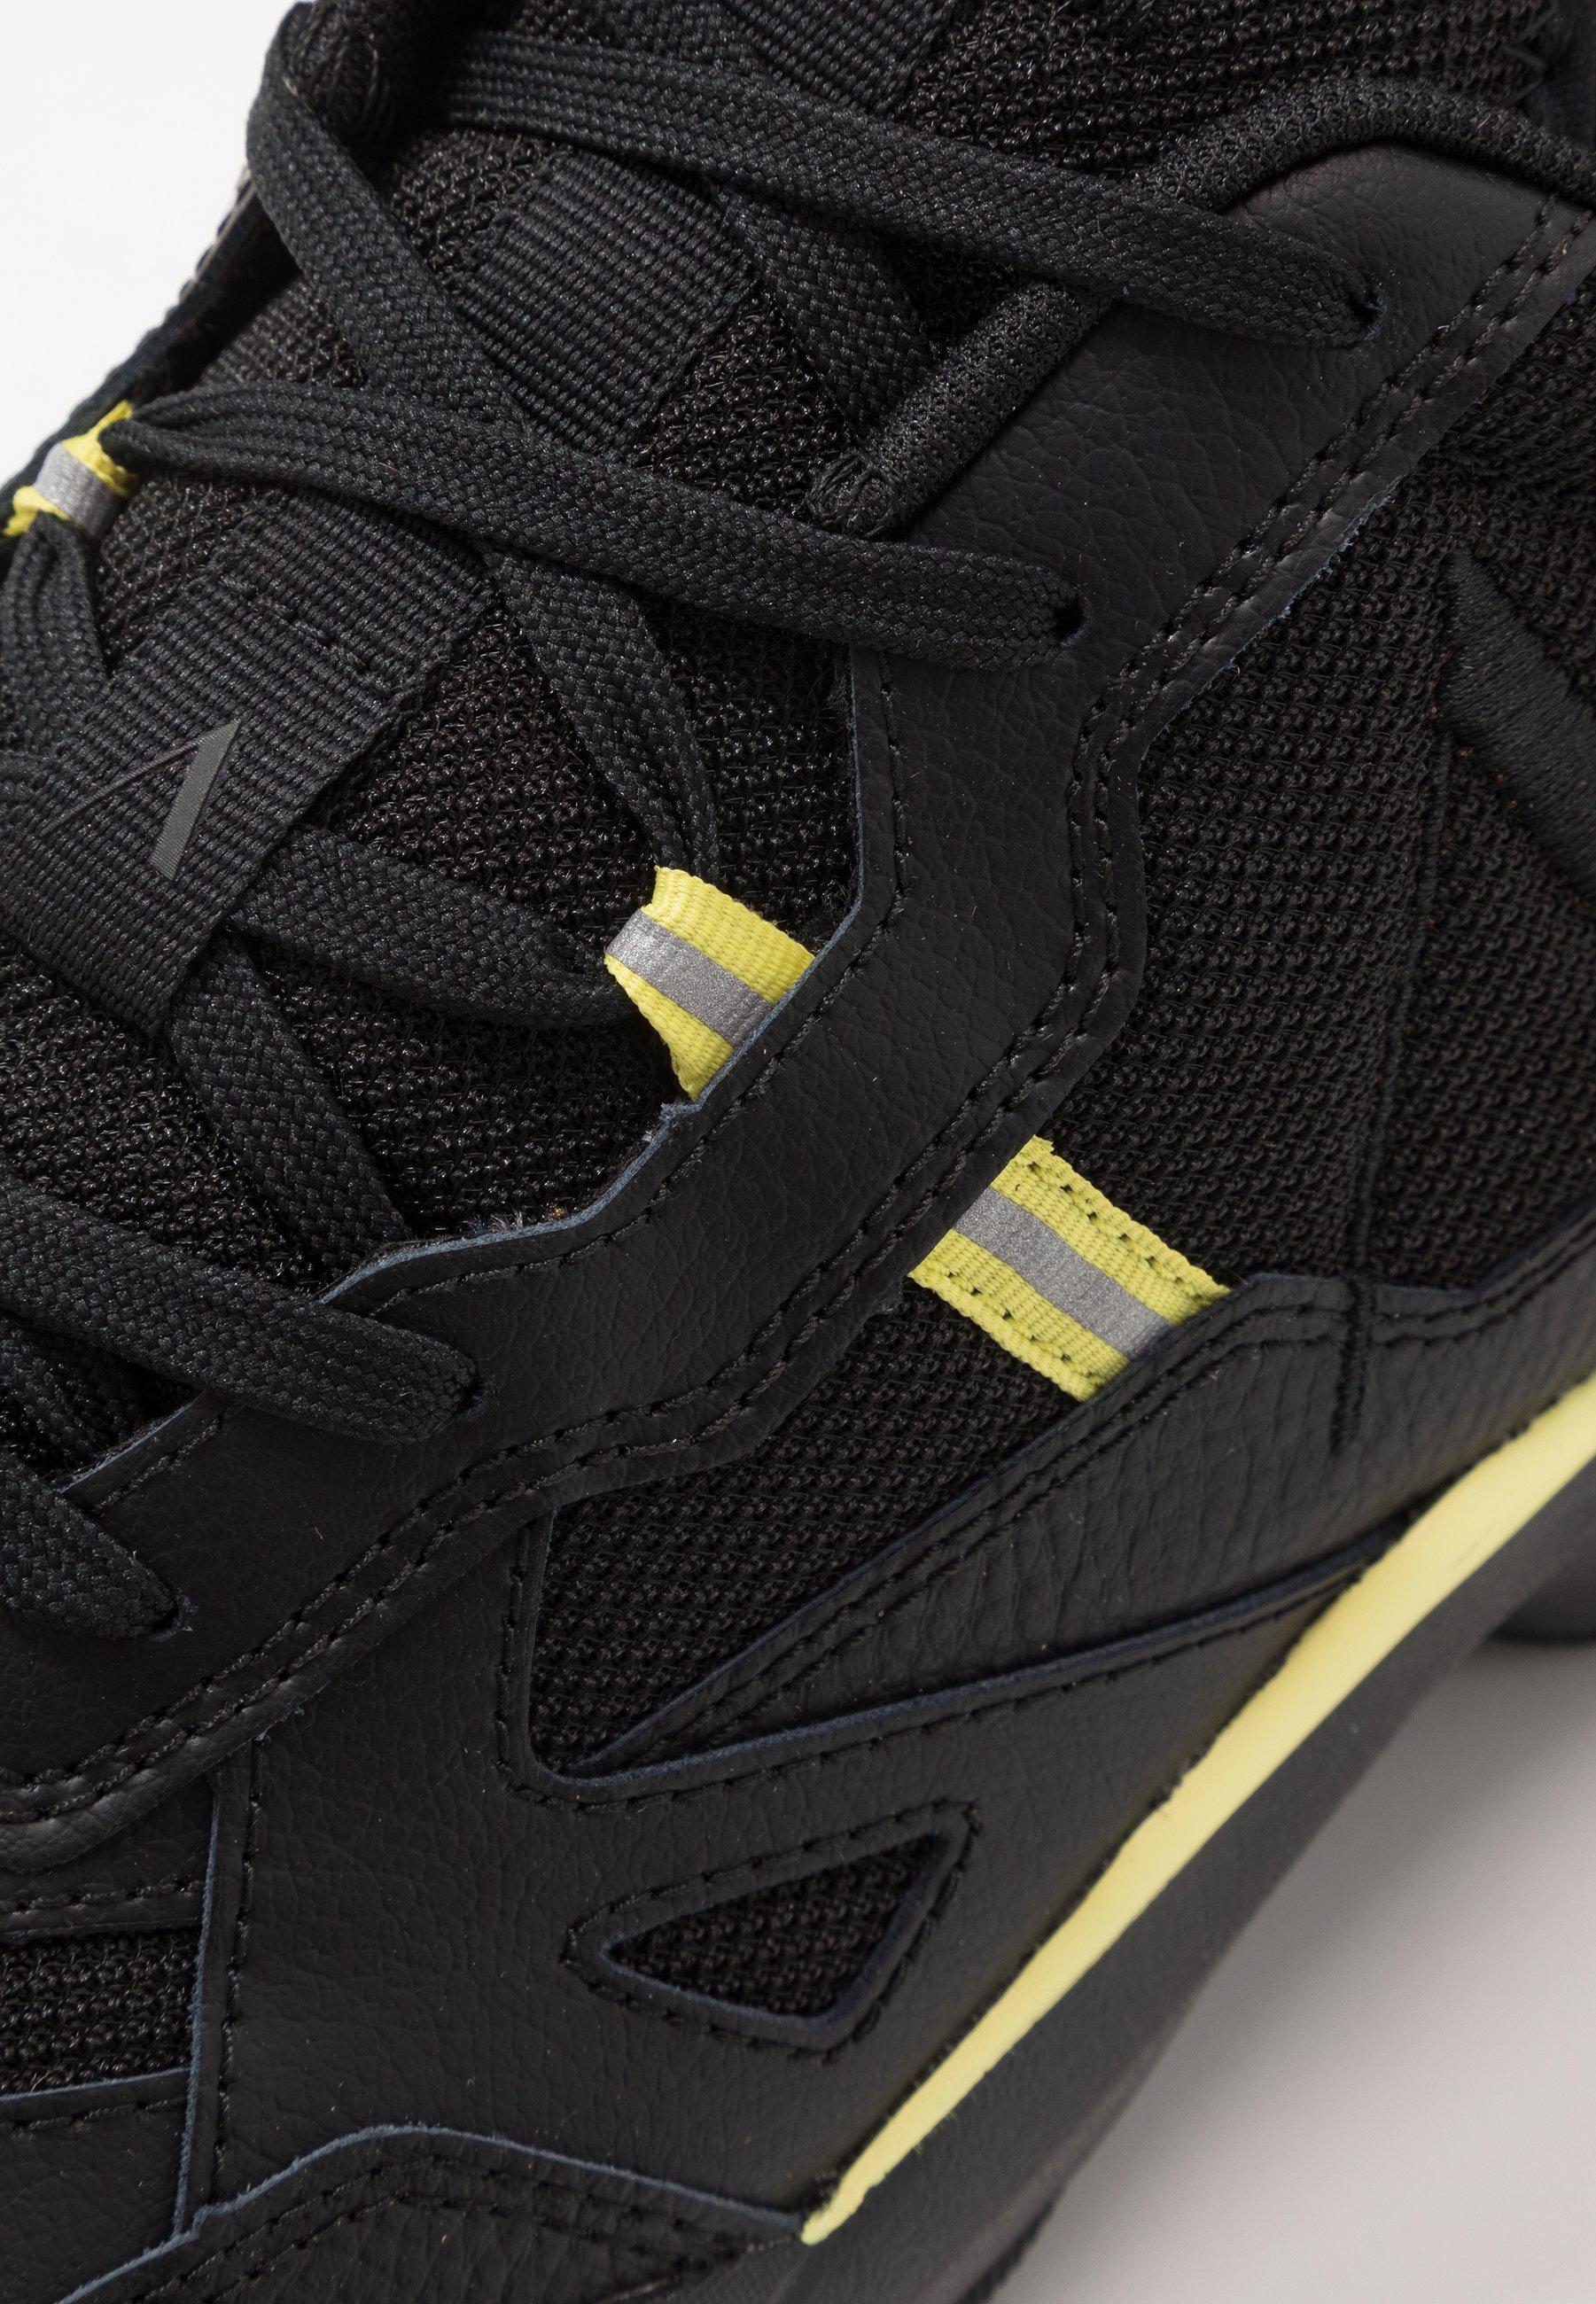 Arkk Copenhagen Quantm T-g9 - Sneakers Black/limelight